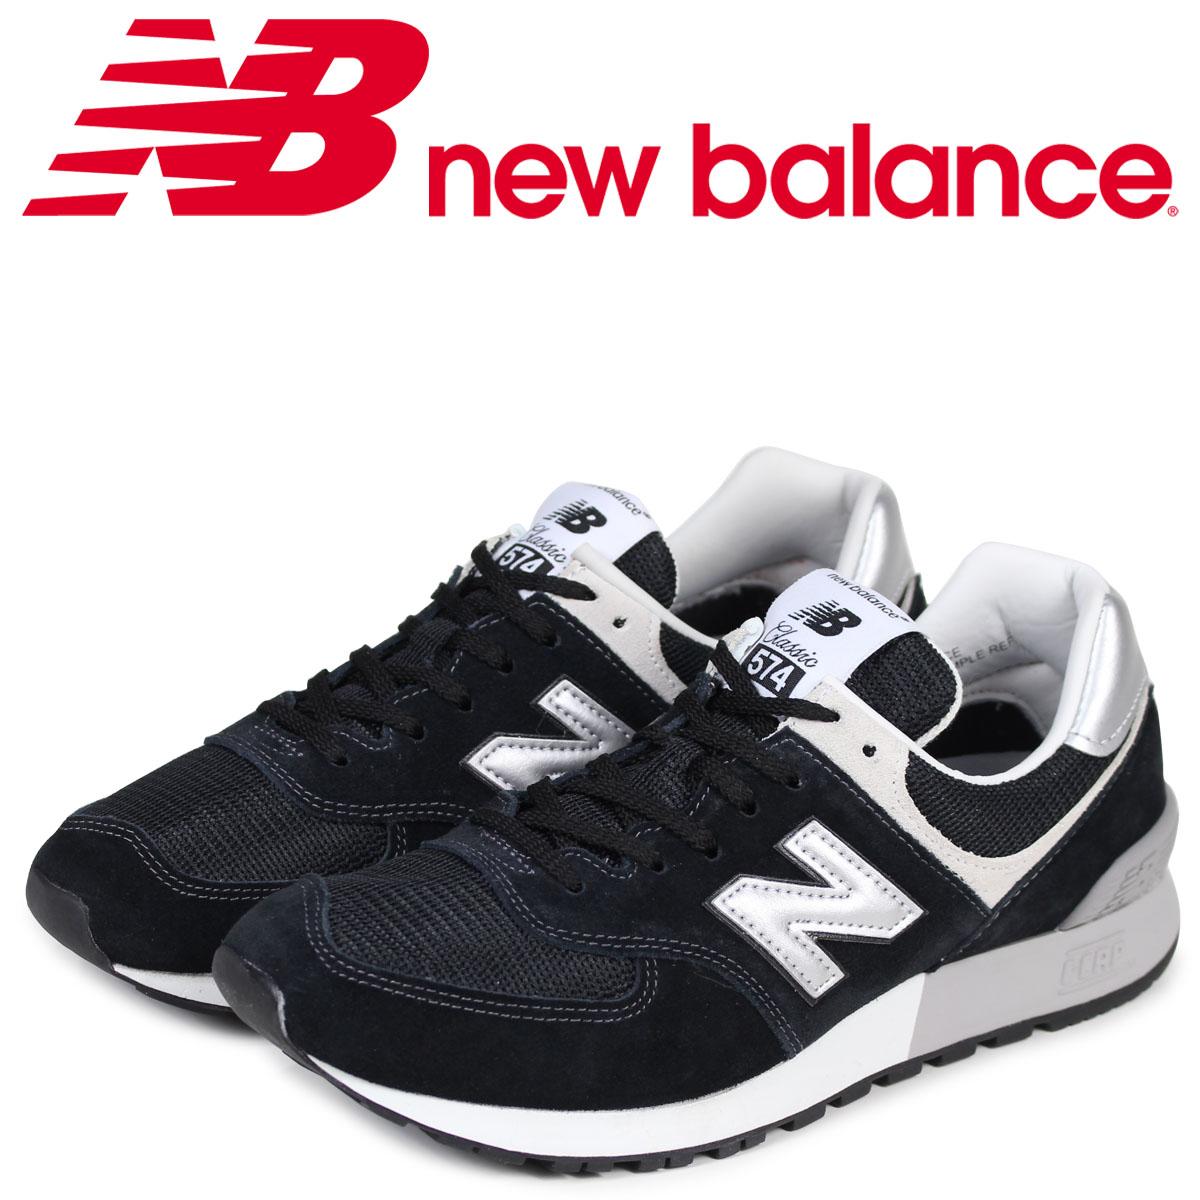 【美品】 new balance MLP574EK 574 メンズ スニーカー ニューバランス スニーカー MLP574EK LOST balance PROTO Dワイズ ブラック, AutoSite:47933dd5 --- clftranspo.dominiotemporario.com